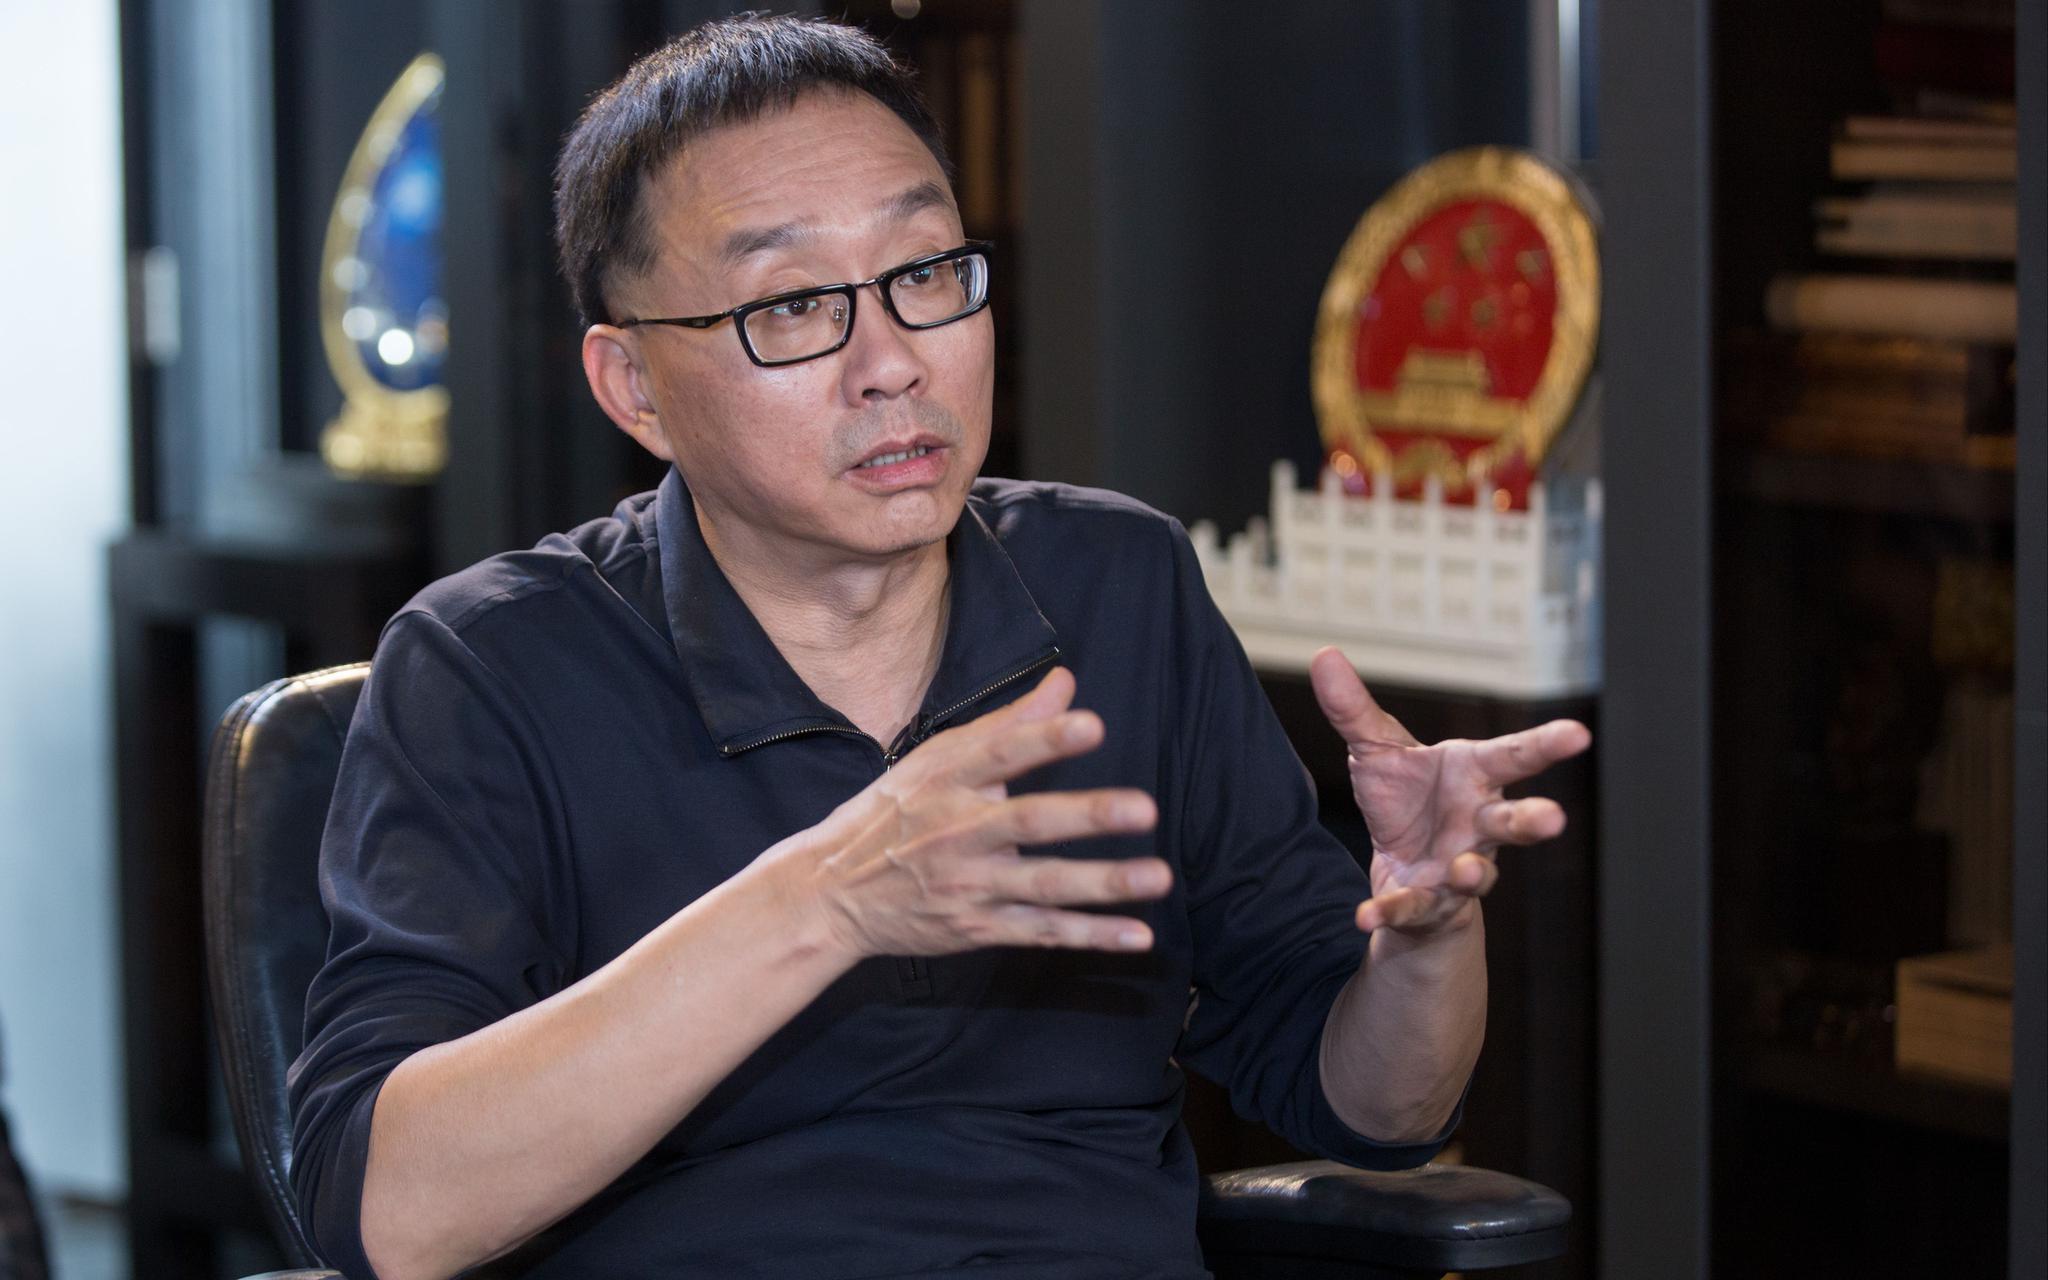 国庆联欢活动执行总导演 甲丁,曾参与国庆55周年和60周年联欢的编创。新京报记者 李凯祥 摄